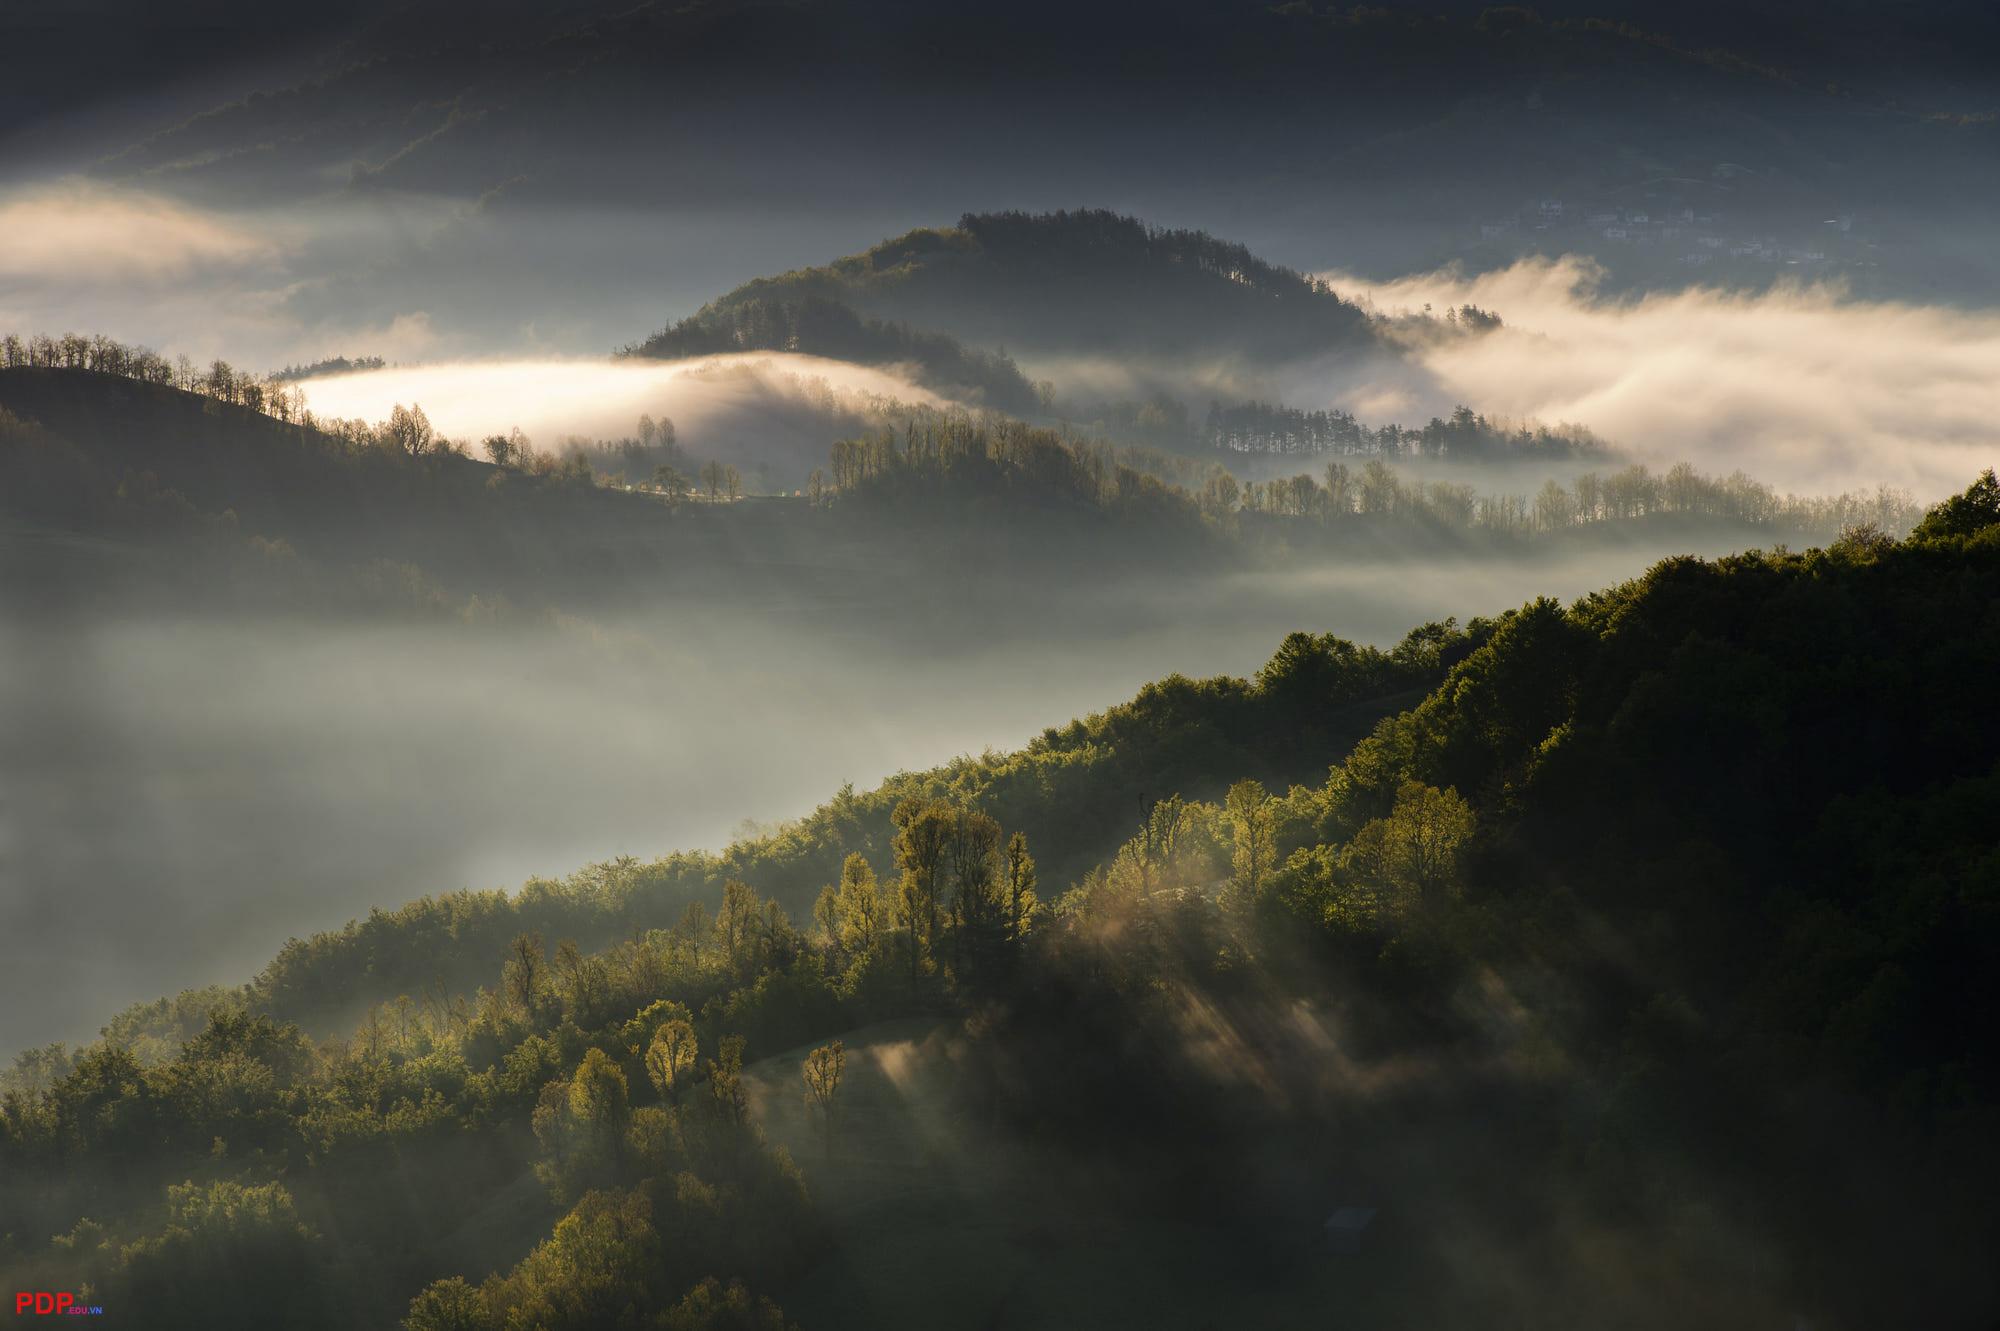 Hình ảnh Thiên Nhiên, ảnh Phong Cảnh đẹp 3d (2)